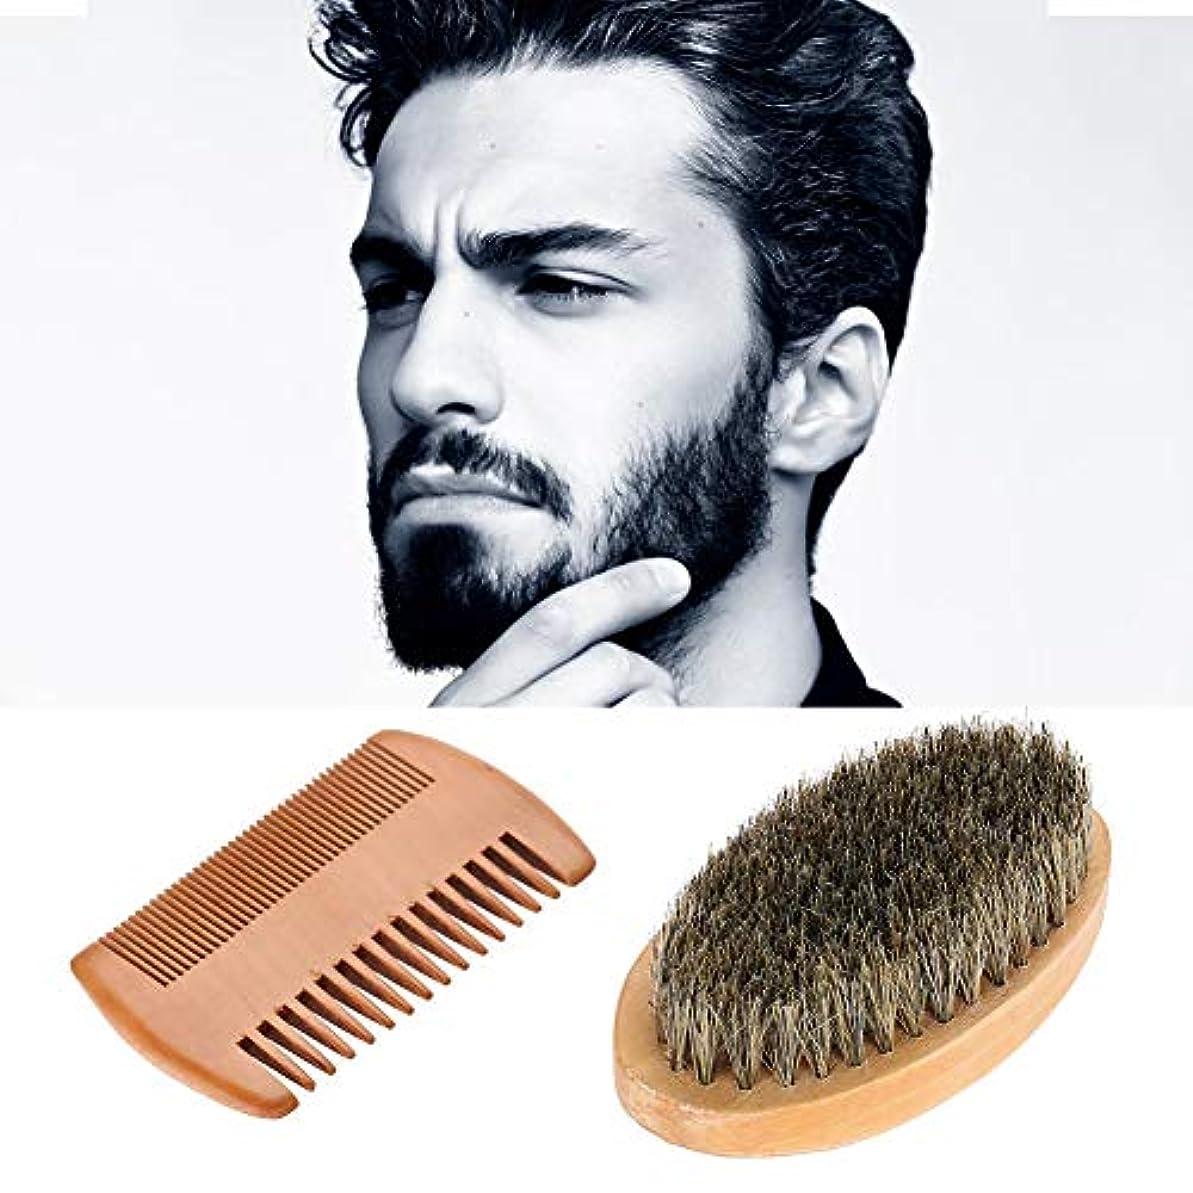 ステンレス恥エレガント男性の楕円形の木製の楕円形のブラシ+ひげの毛の顔のクリーニングの手入れをするキットのための櫛